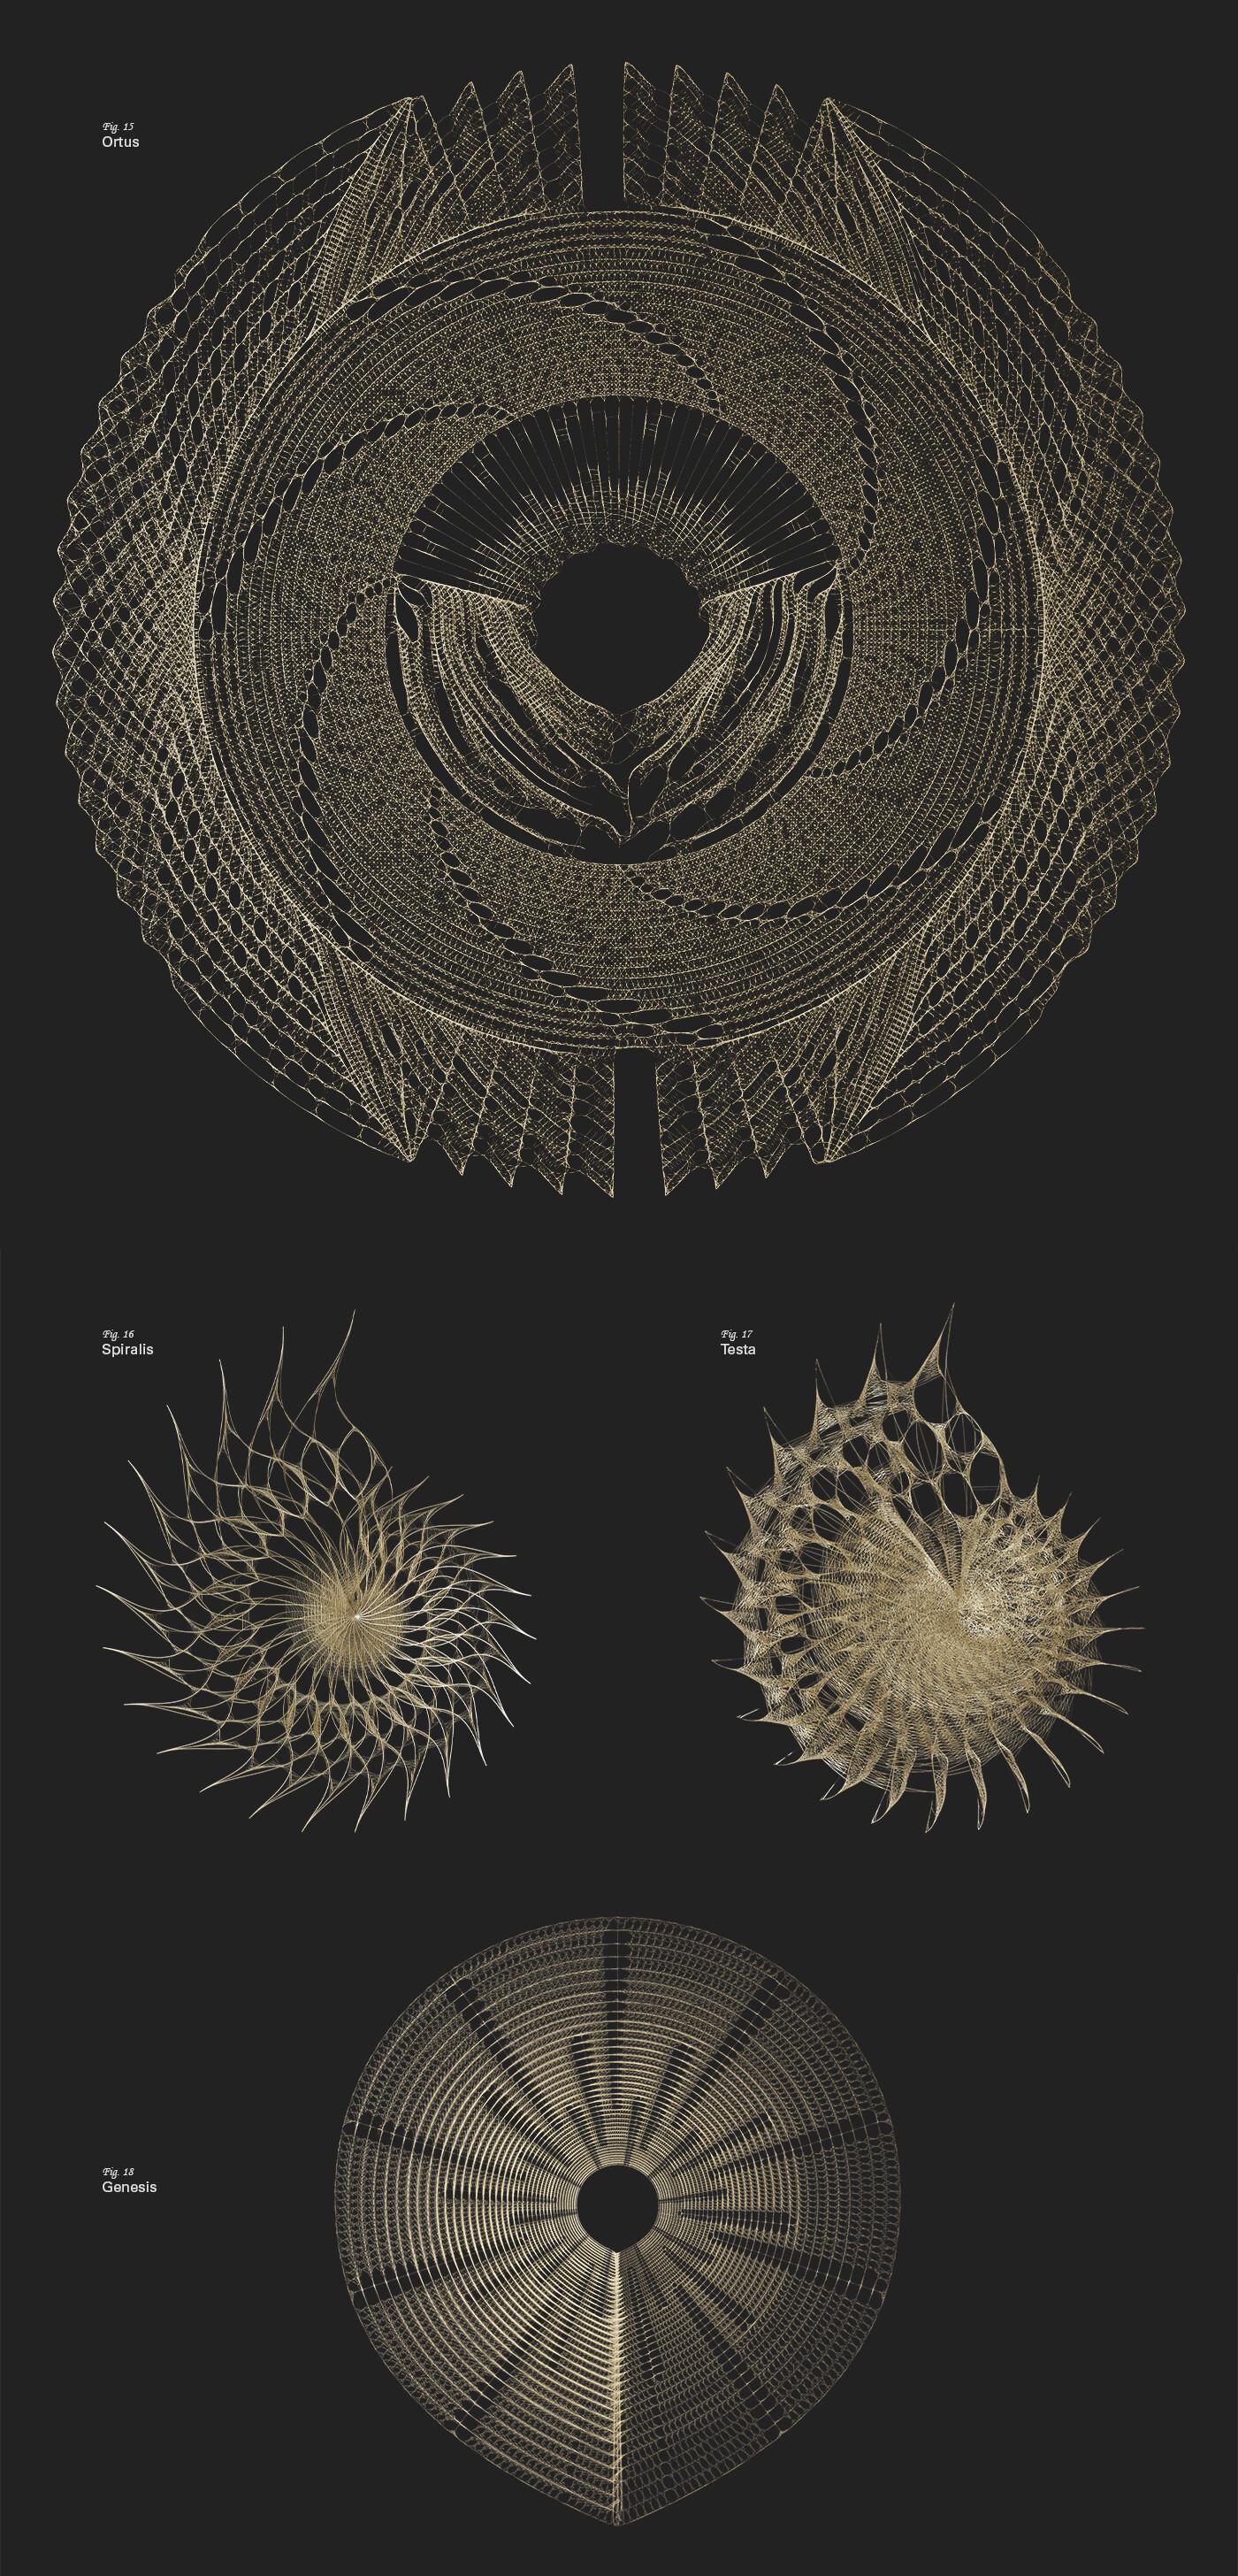 Roman tikhonov site case fibonacci1400 04 rev